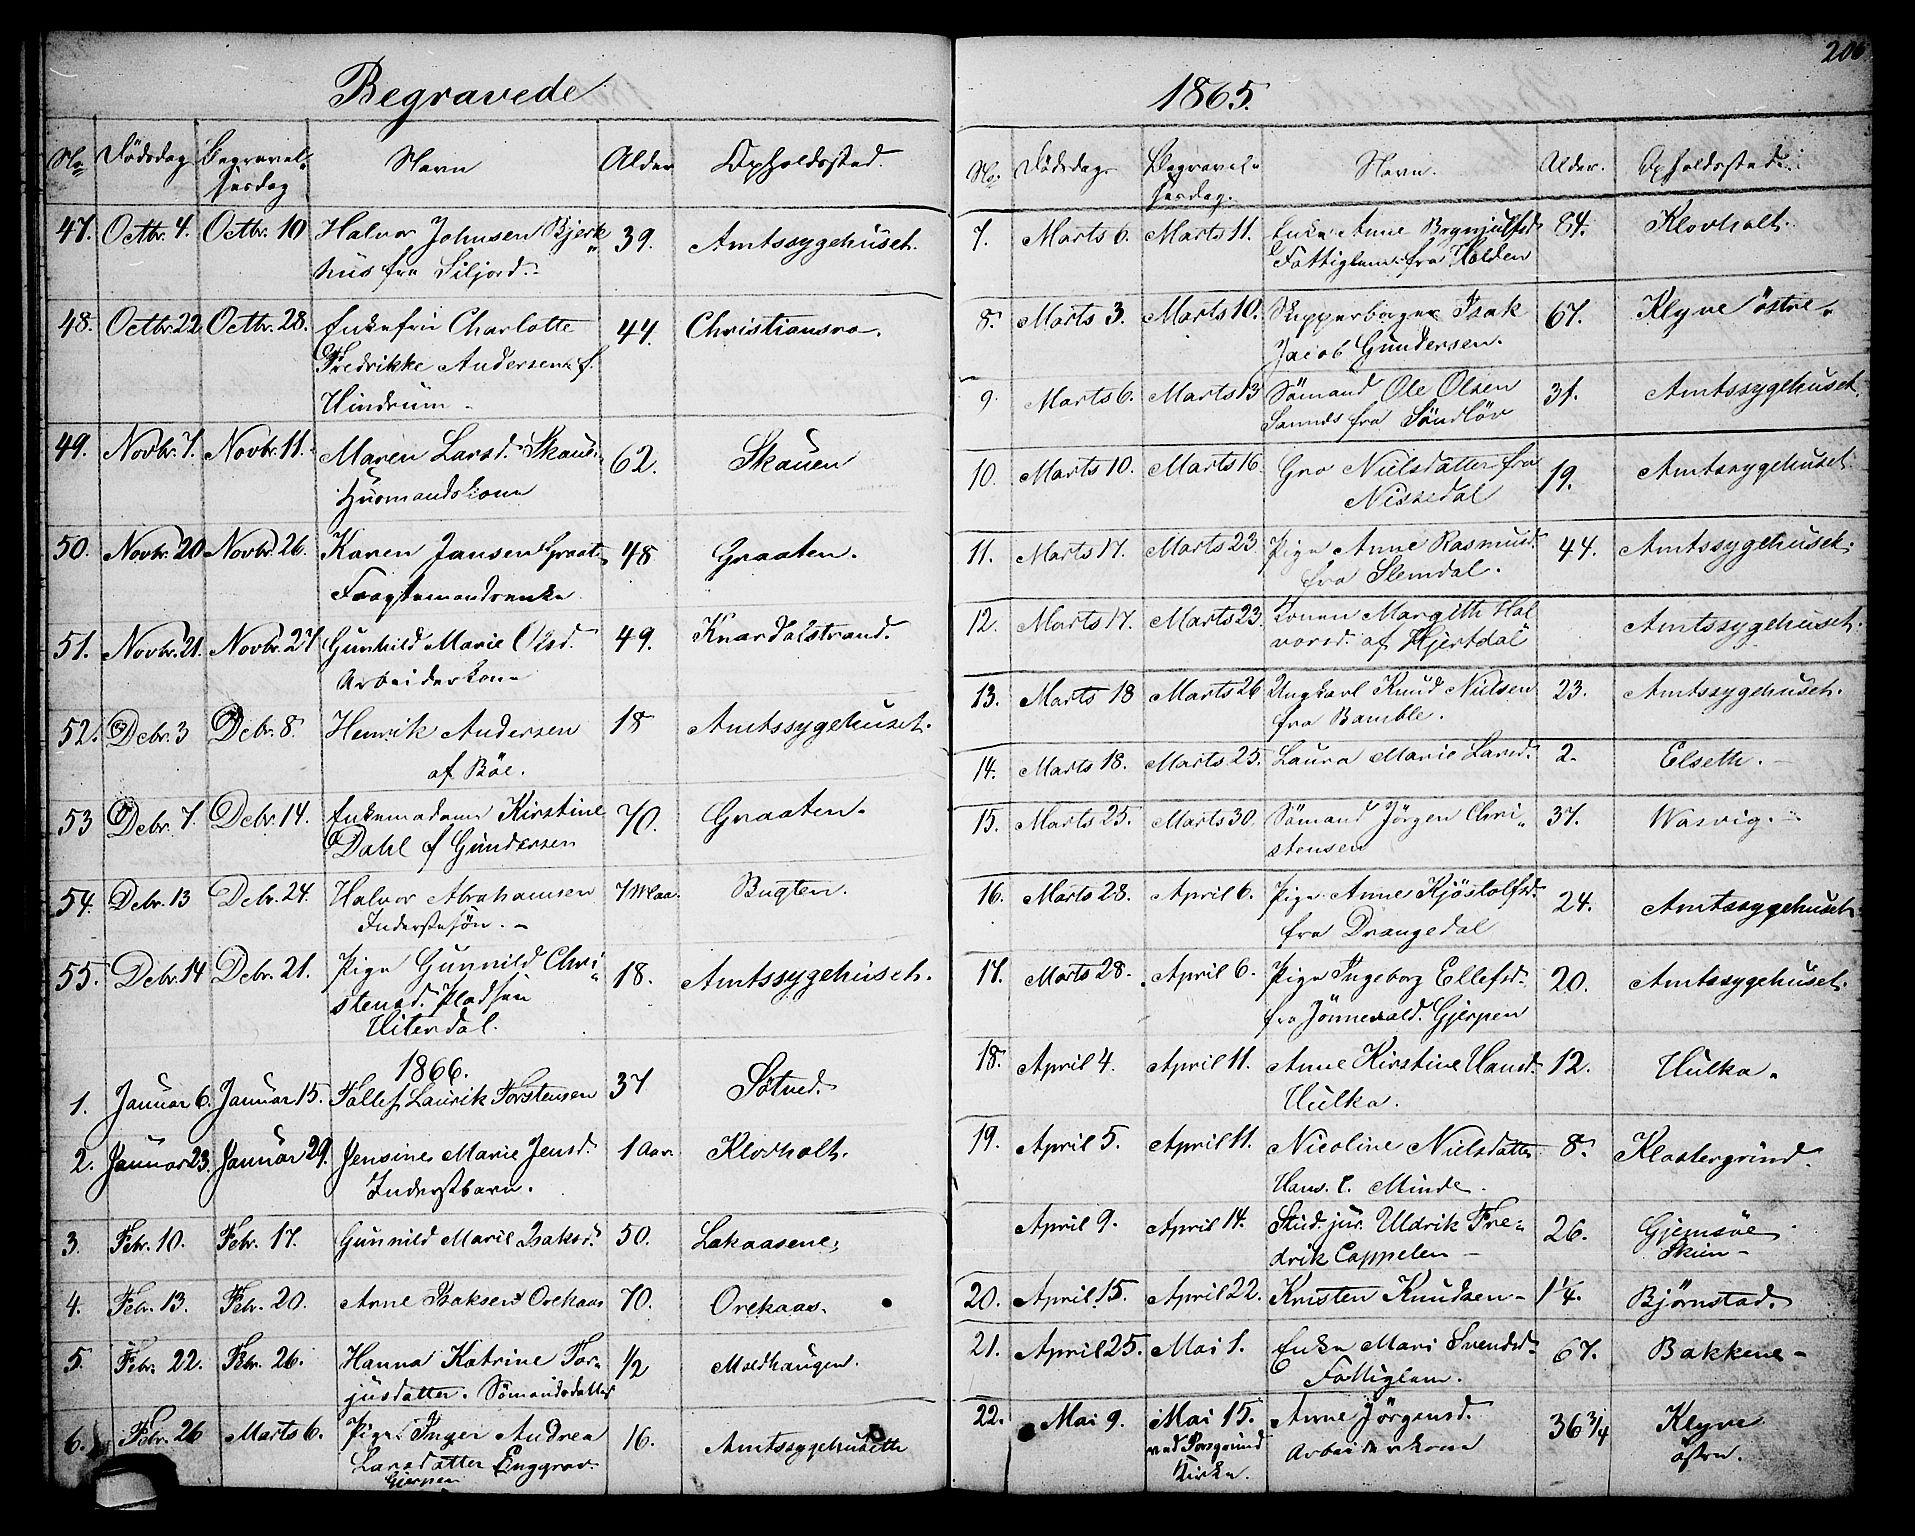 SAKO, Solum kirkebøker, G/Ga/L0004: Klokkerbok nr. I 4, 1859-1876, s. 206